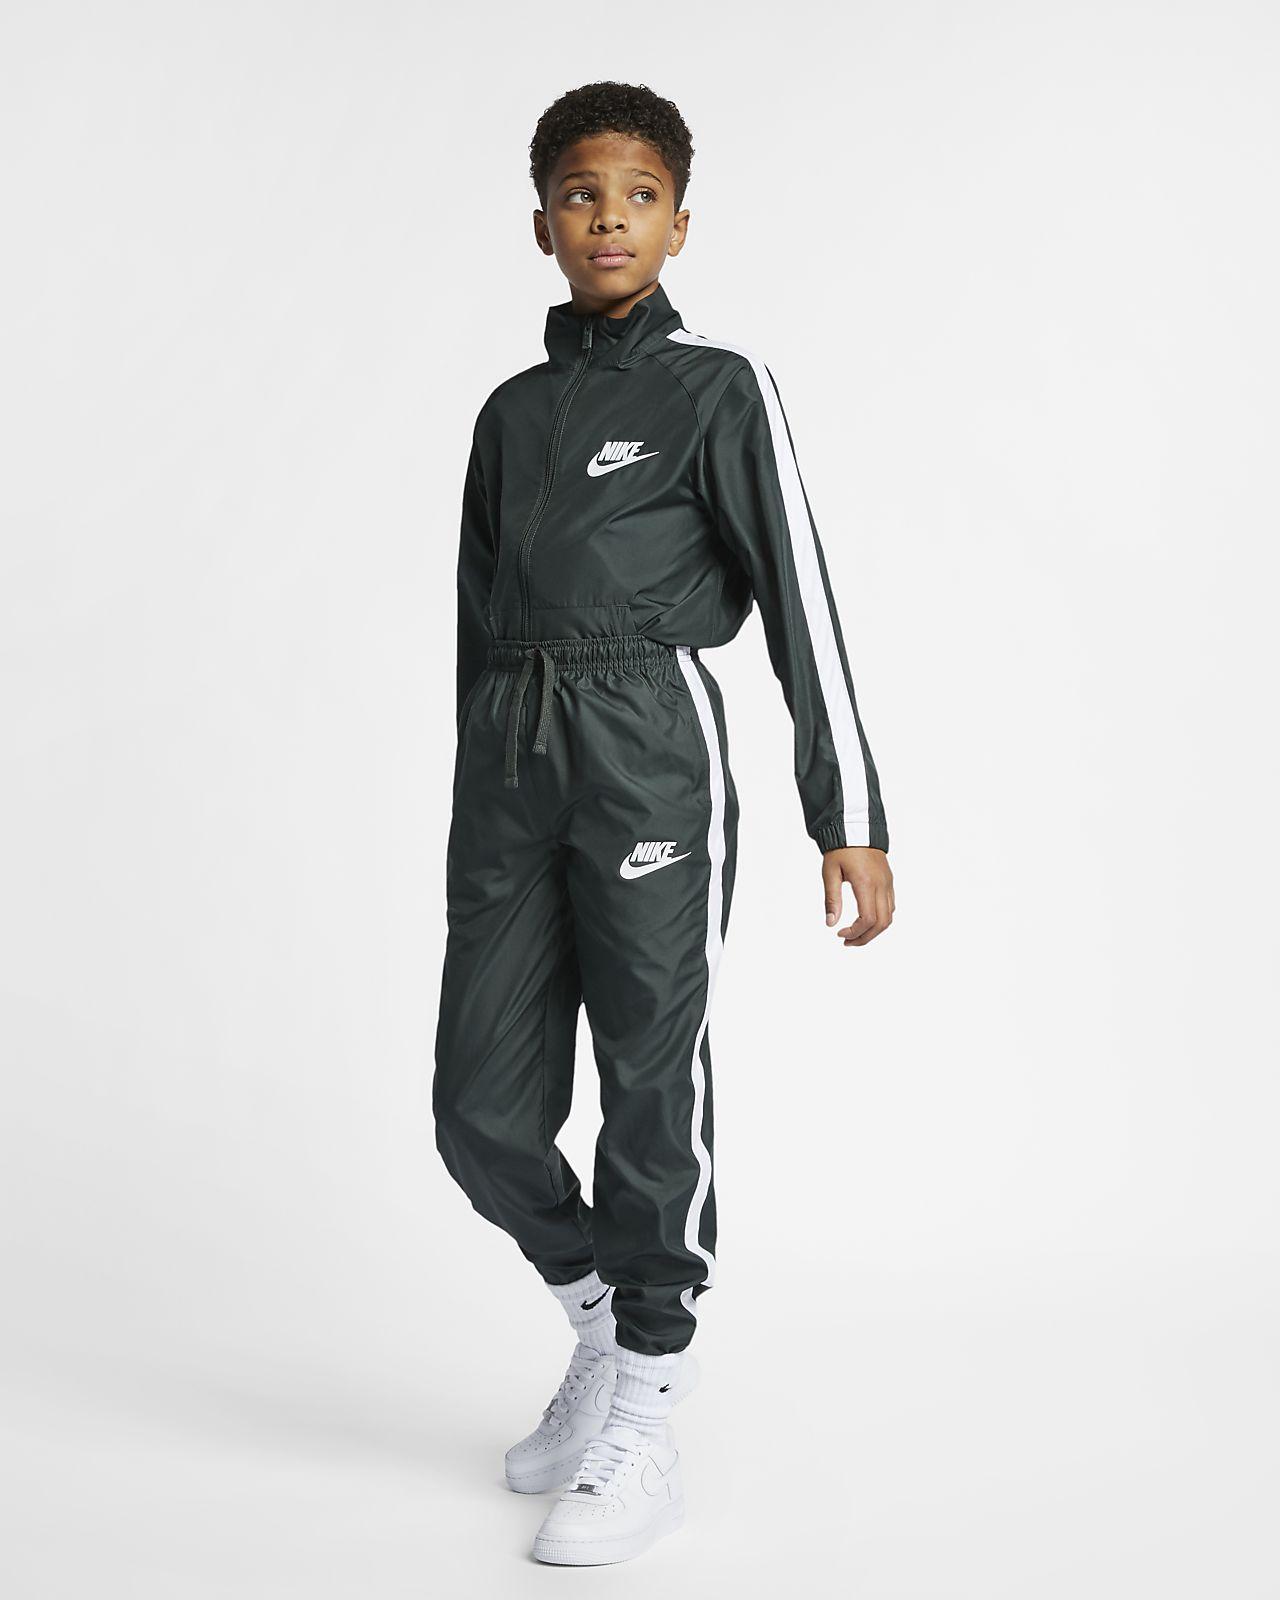 58b17ed9d1aaa Survêtement tissé Nike Sportswear pour Enfant plus âgé. Nike.com CA